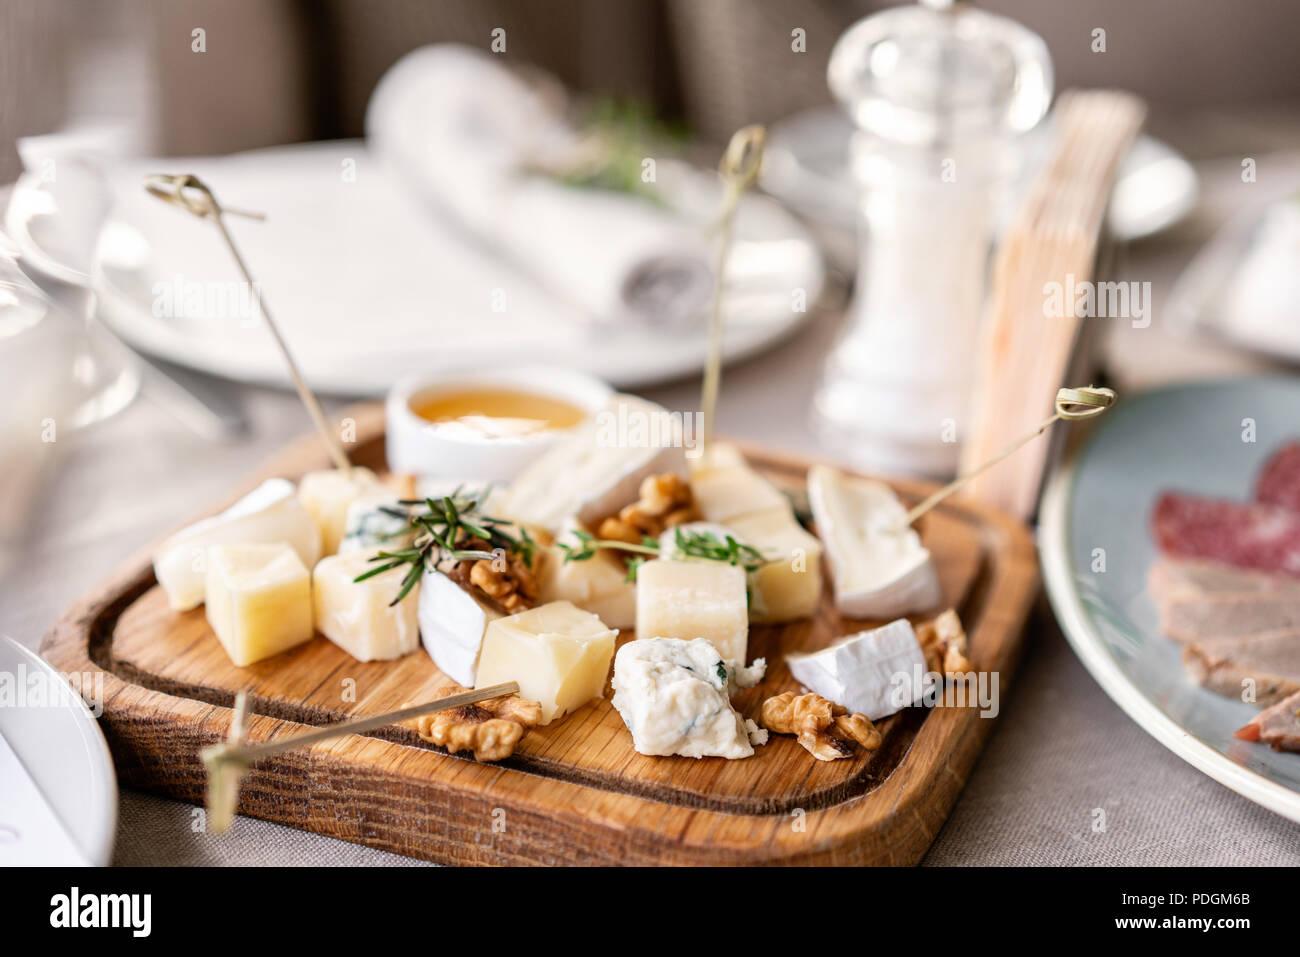 Plato de queso. Una deliciosa mezcla de queso con nueces, miel sobre la mesa de madera. Plato de degustación en una placa de madera. Alimentos para el vino. Imagen De Stock